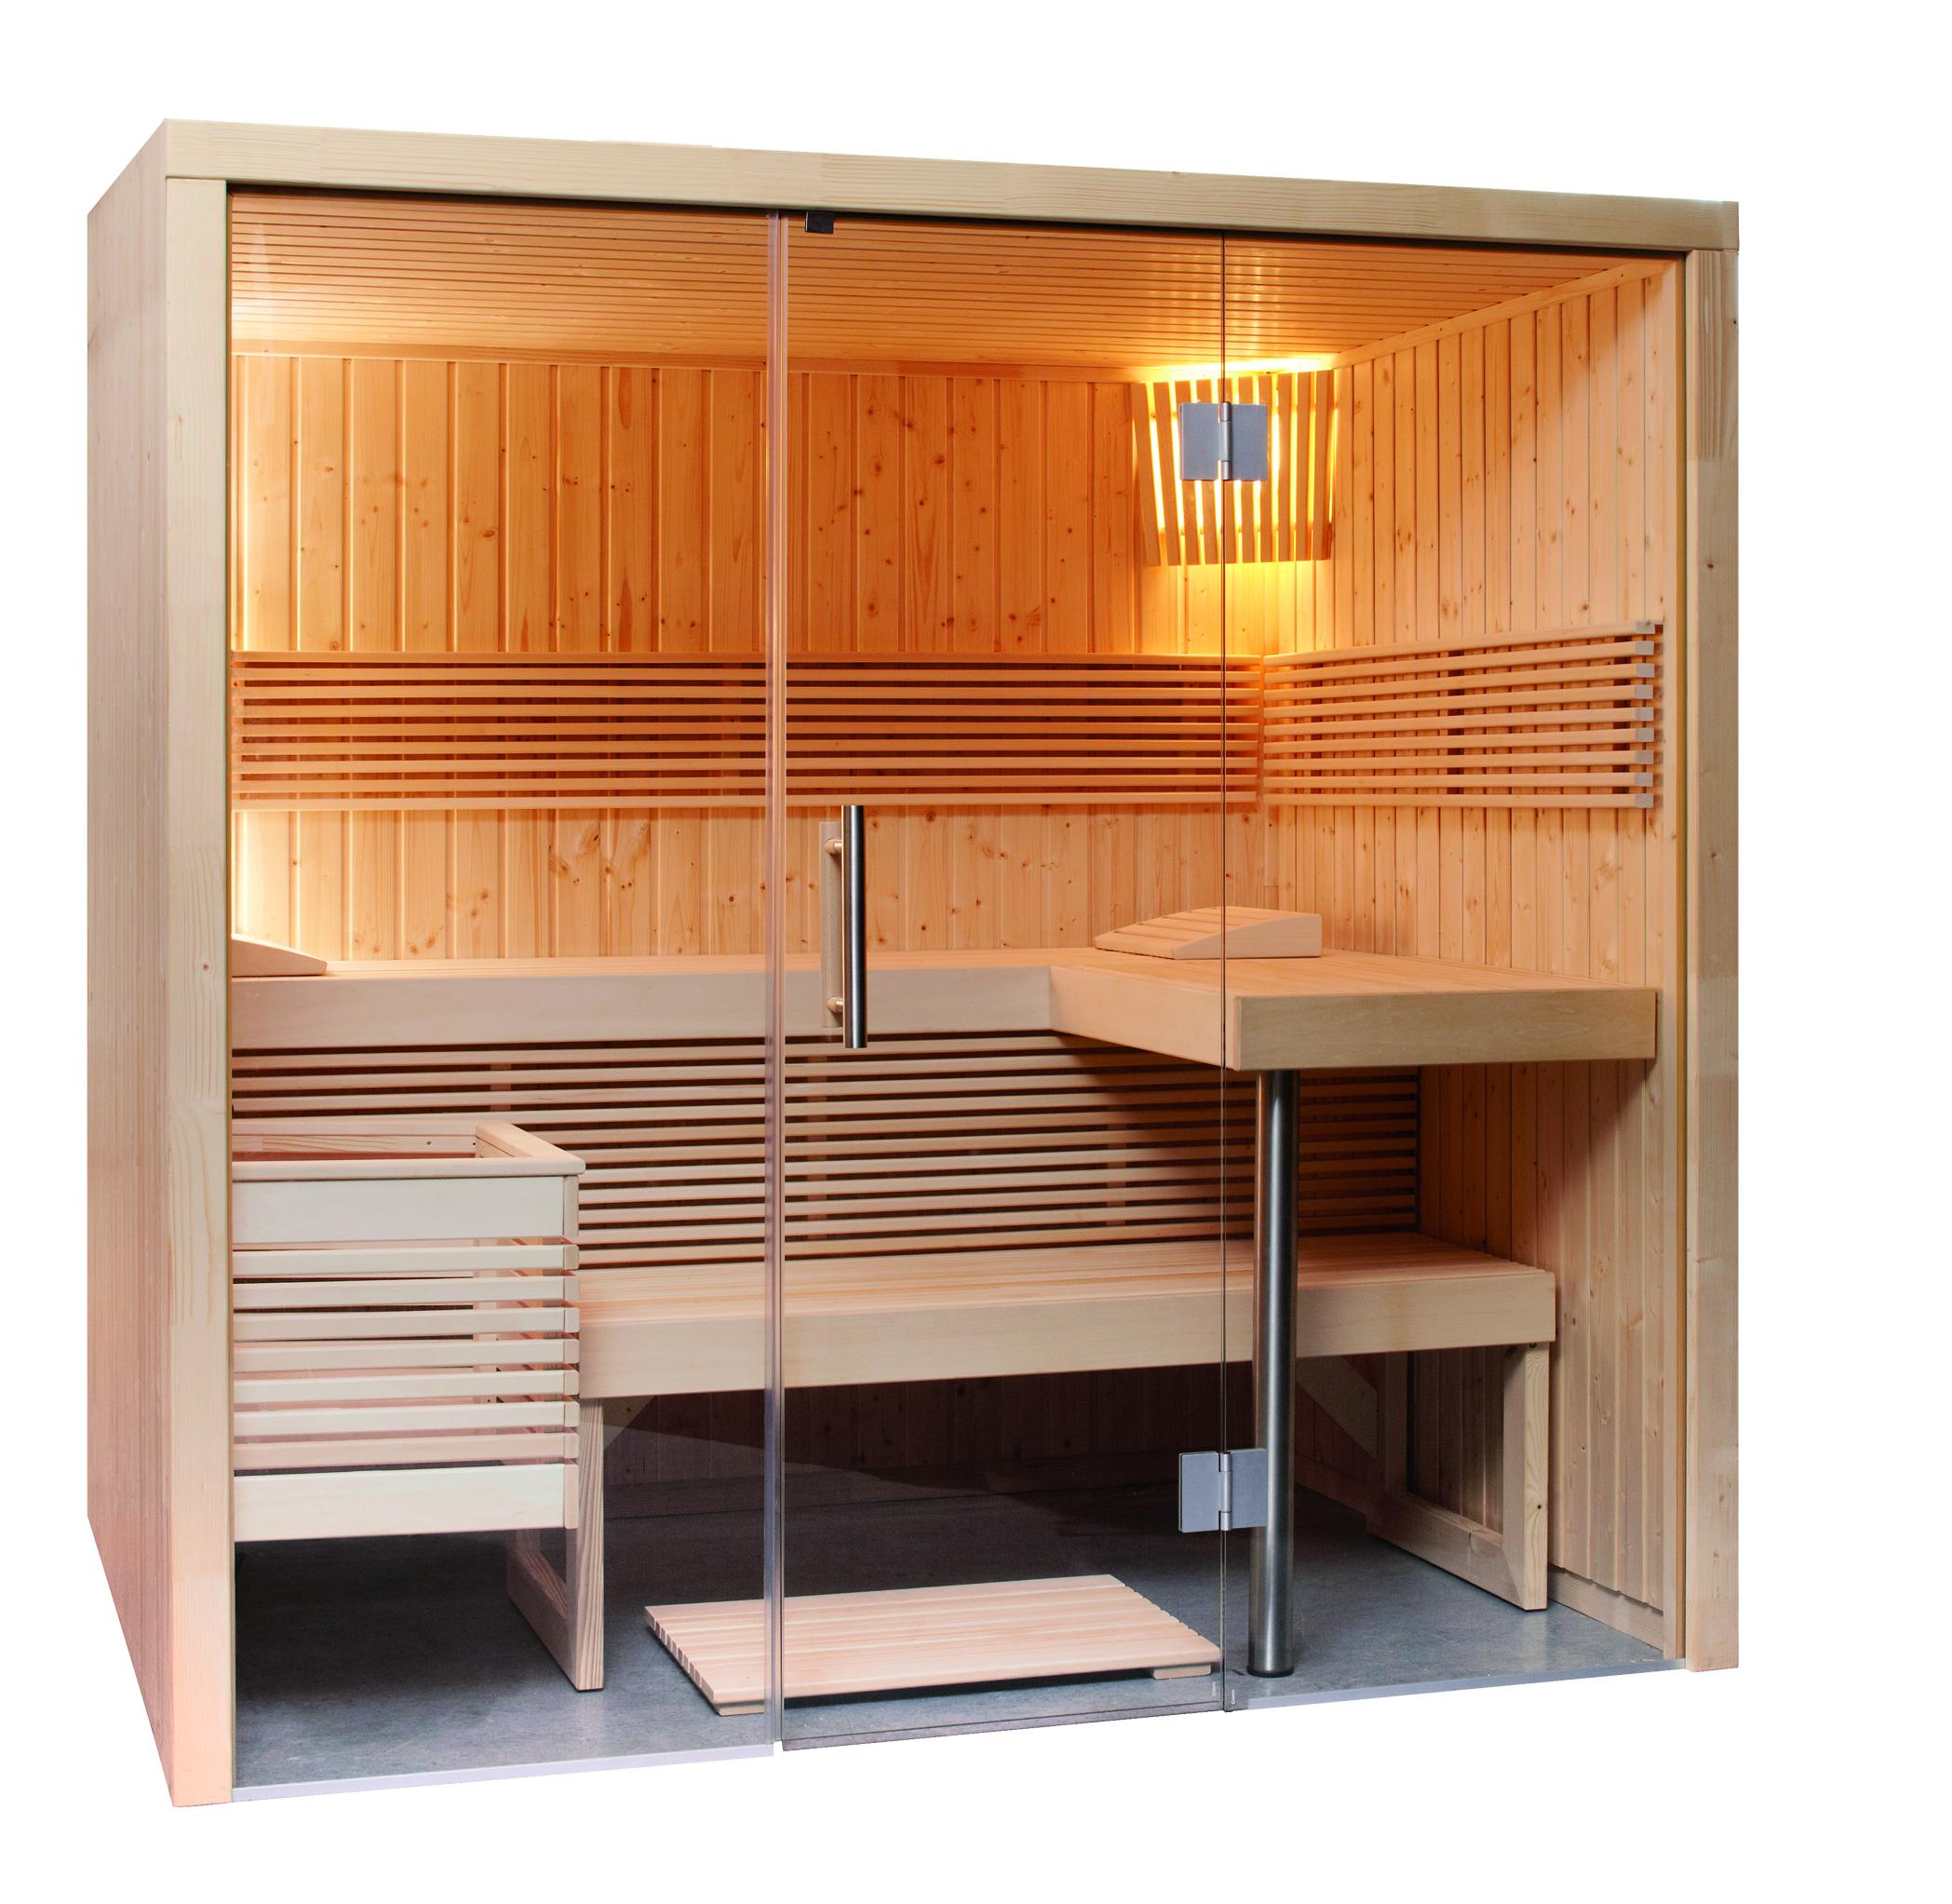 sentiotec alaska view massivsauna nr 1 040 132. Black Bedroom Furniture Sets. Home Design Ideas